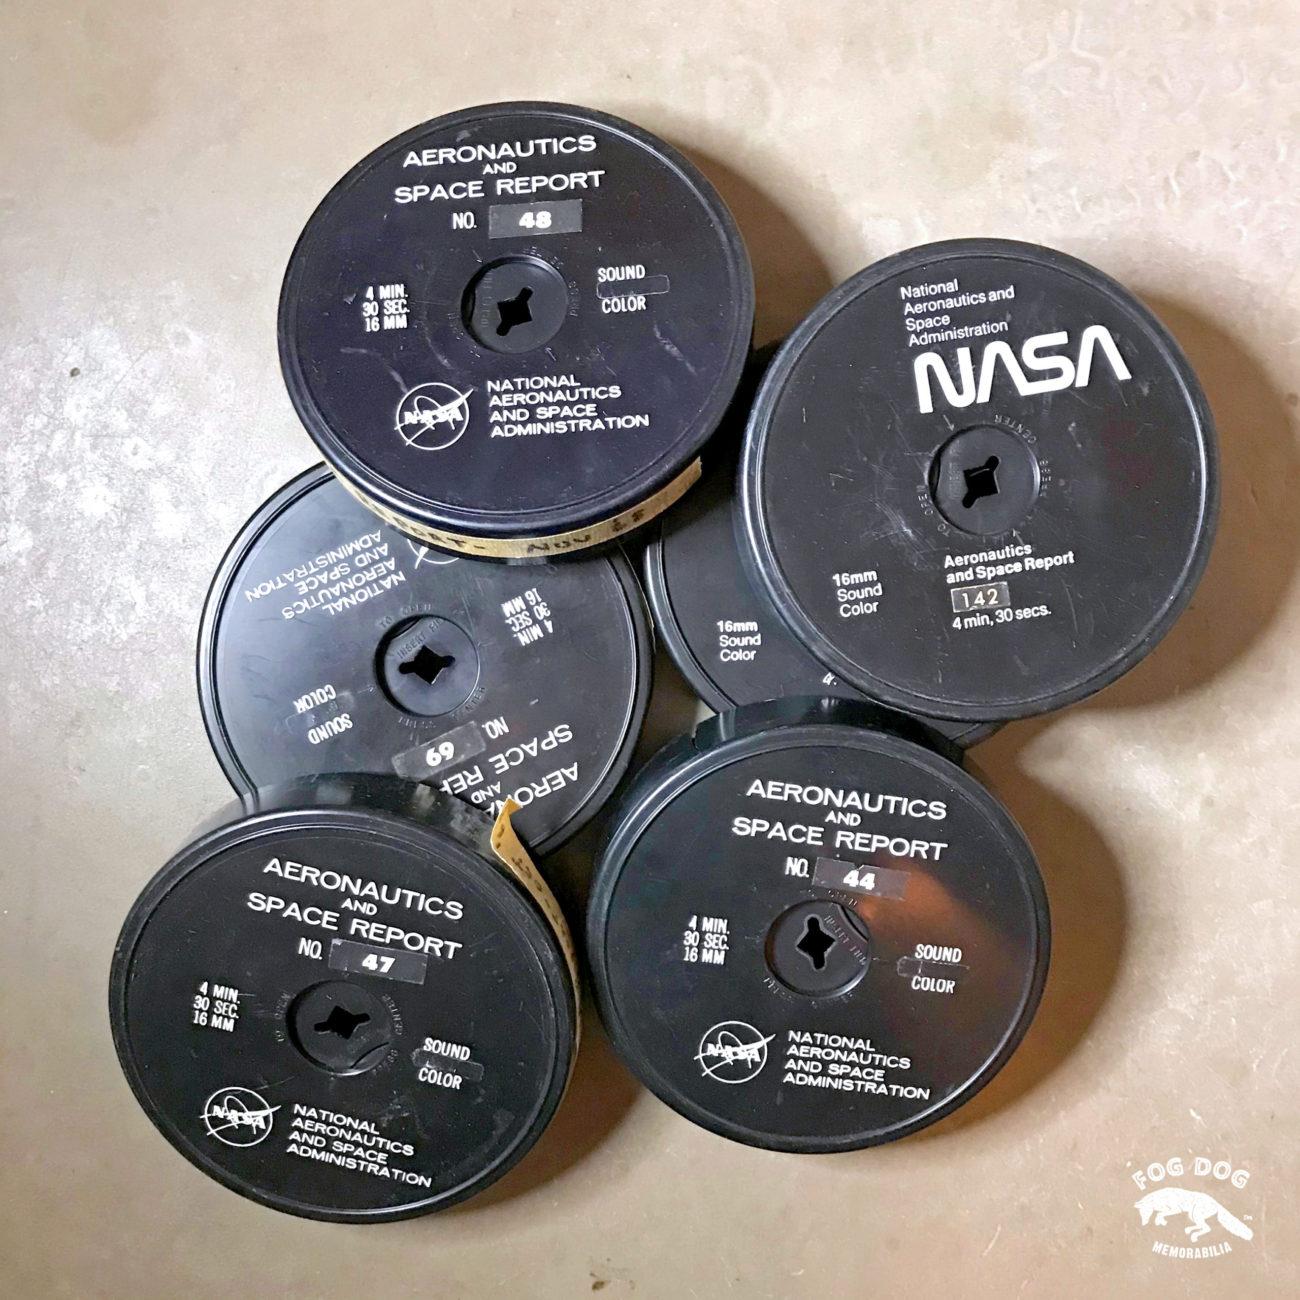 Starý 16mm pásek se záznamen NASA AERONAUTICS AND SPACE REPORT (1 ks)